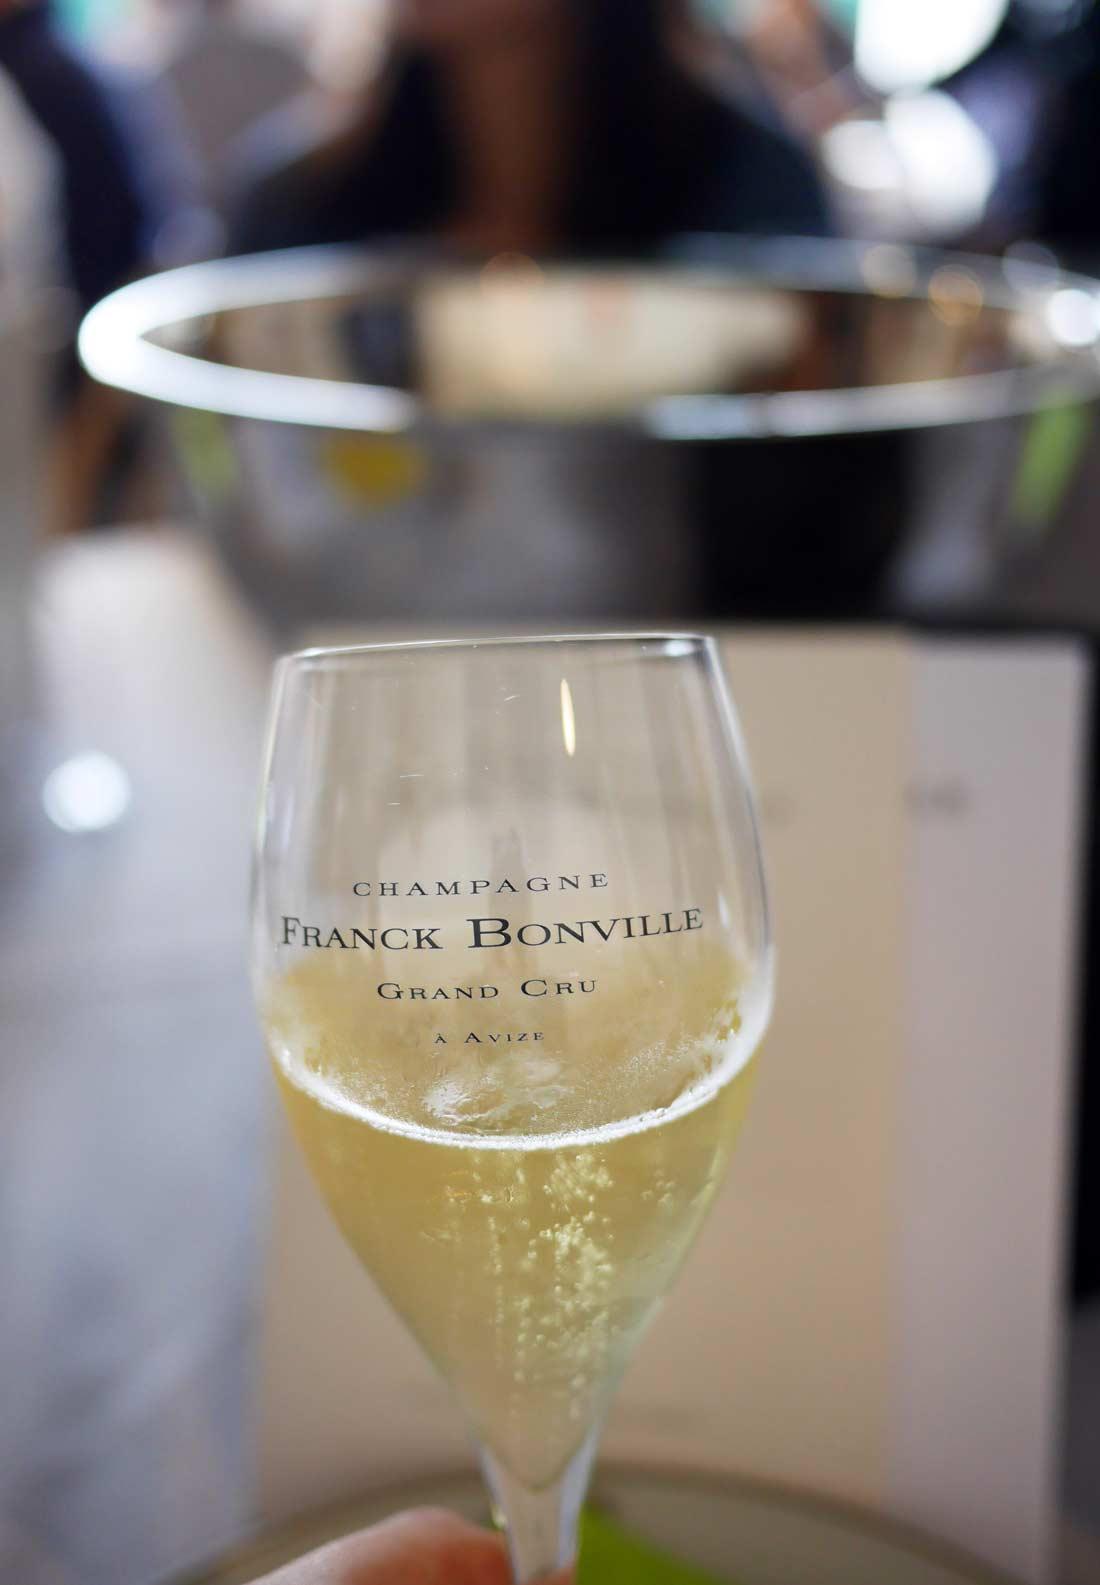 coupe de champagne Franck Bonville